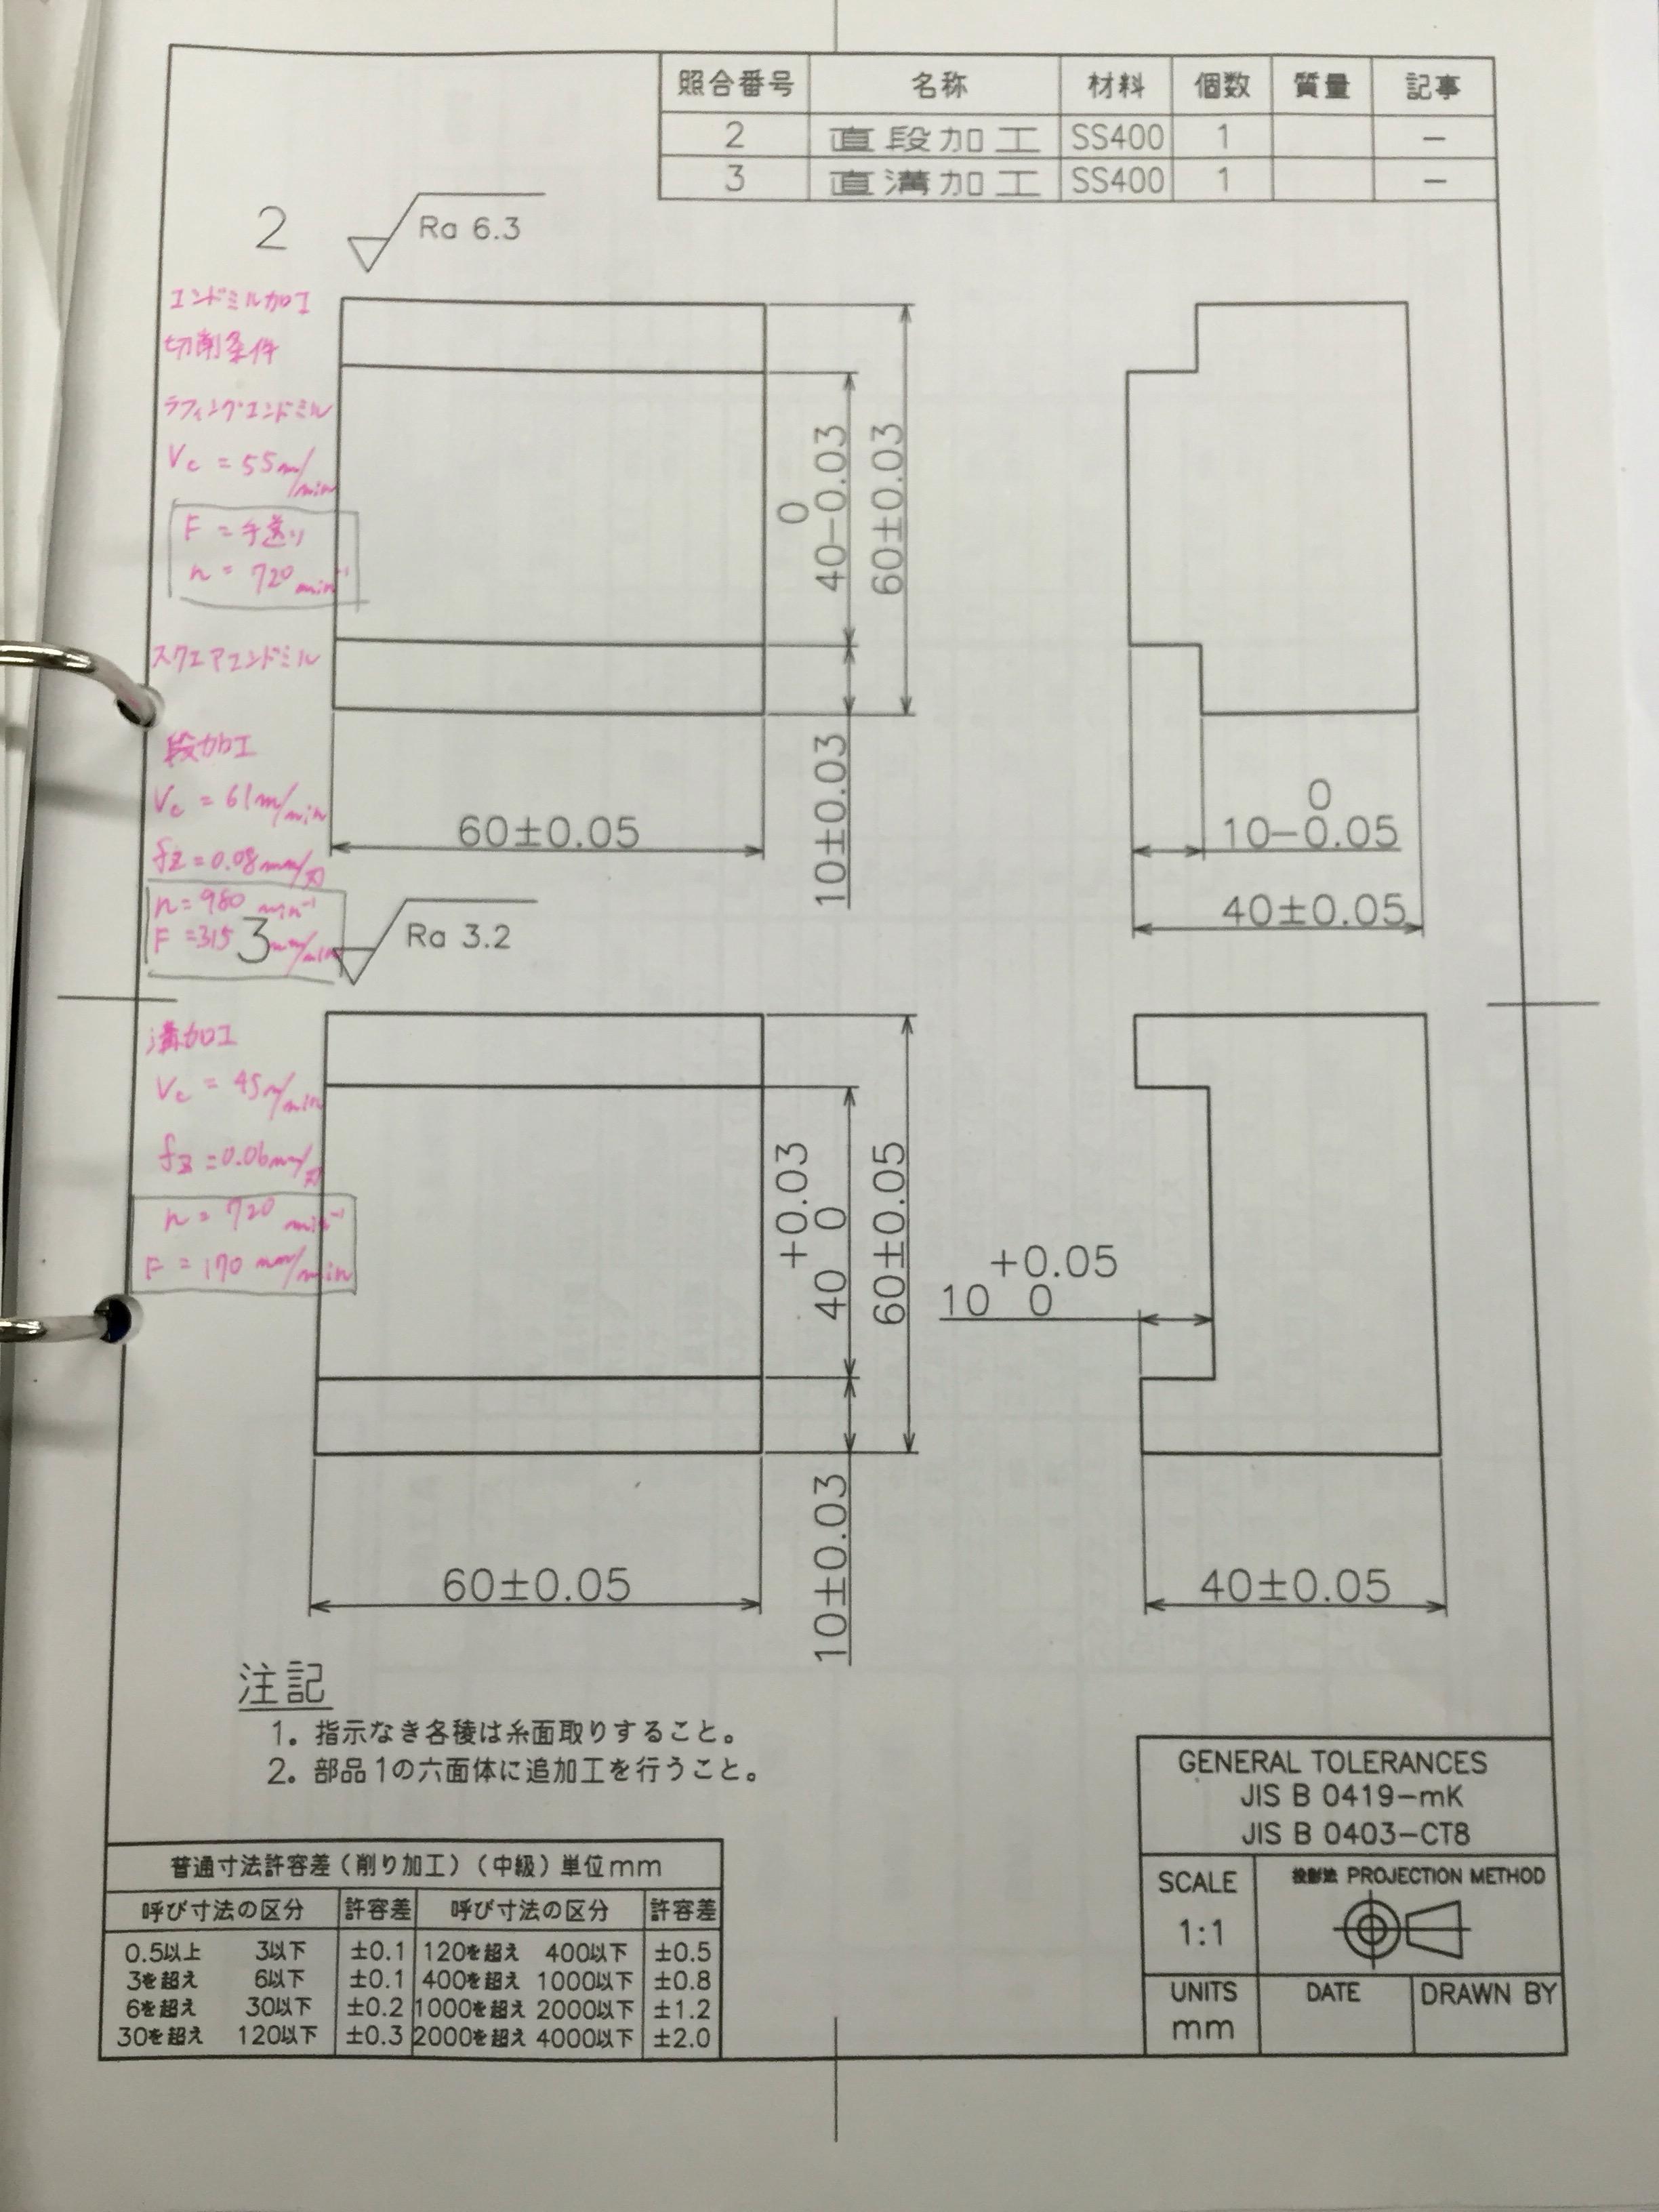 段加工、溝加工の図面